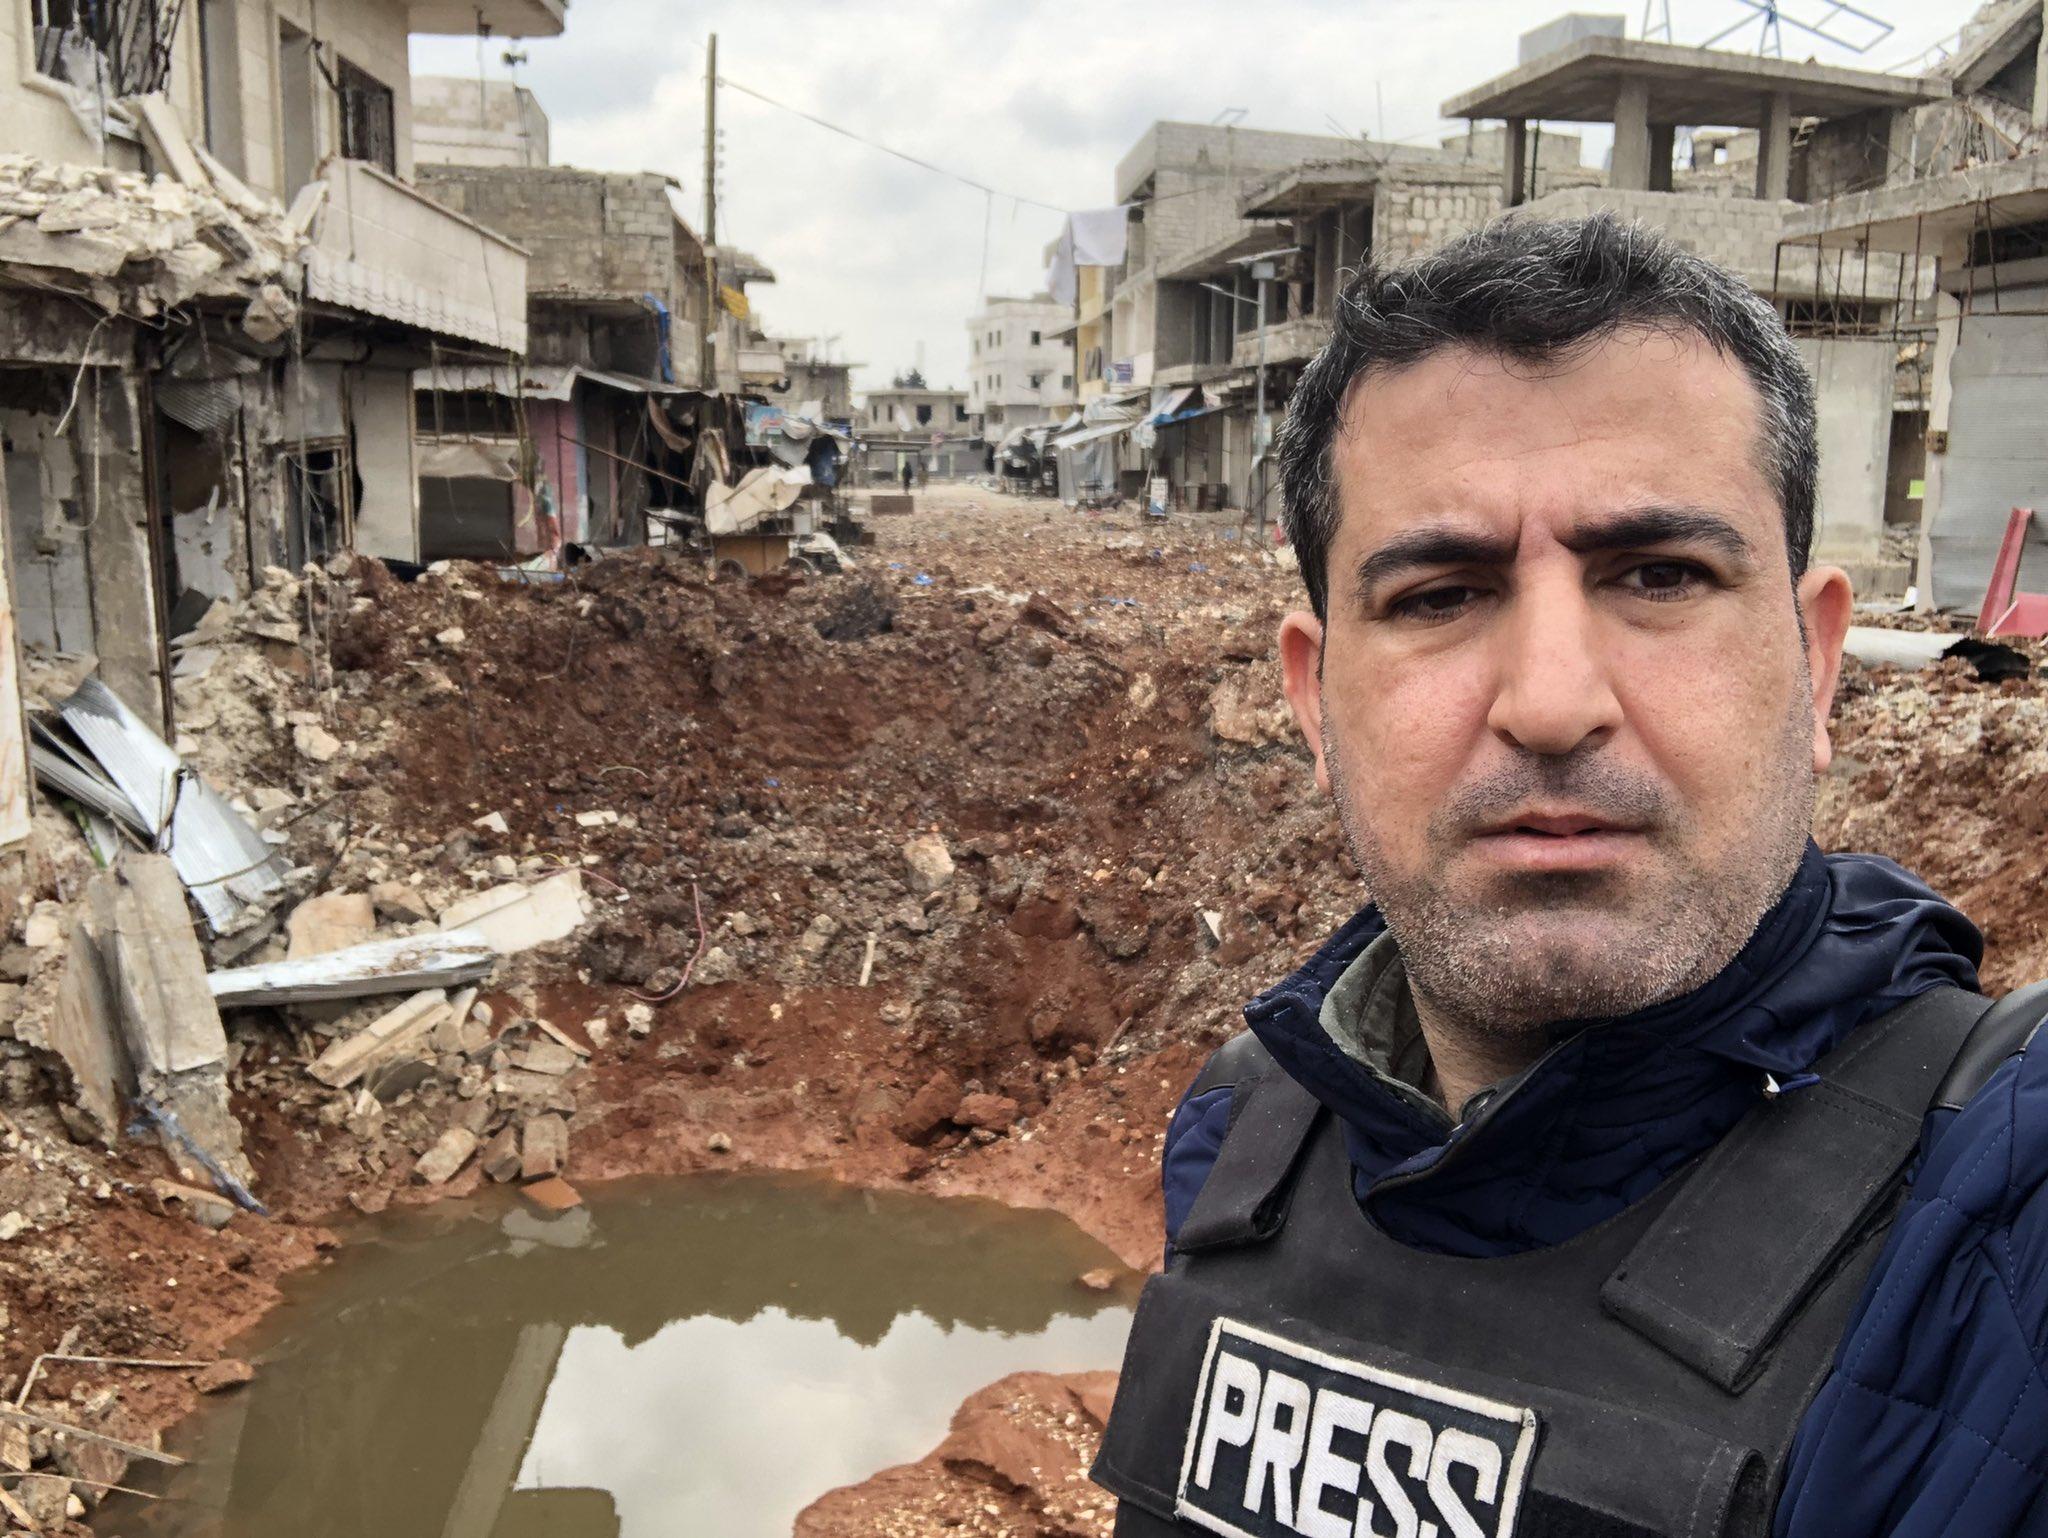 الصورة لسوق الأتارب خلال الاستهداف الأخير في شباط ٢٠٢٠ -المصدر تويتر من صفحة الإعلامي أحمد سعيد